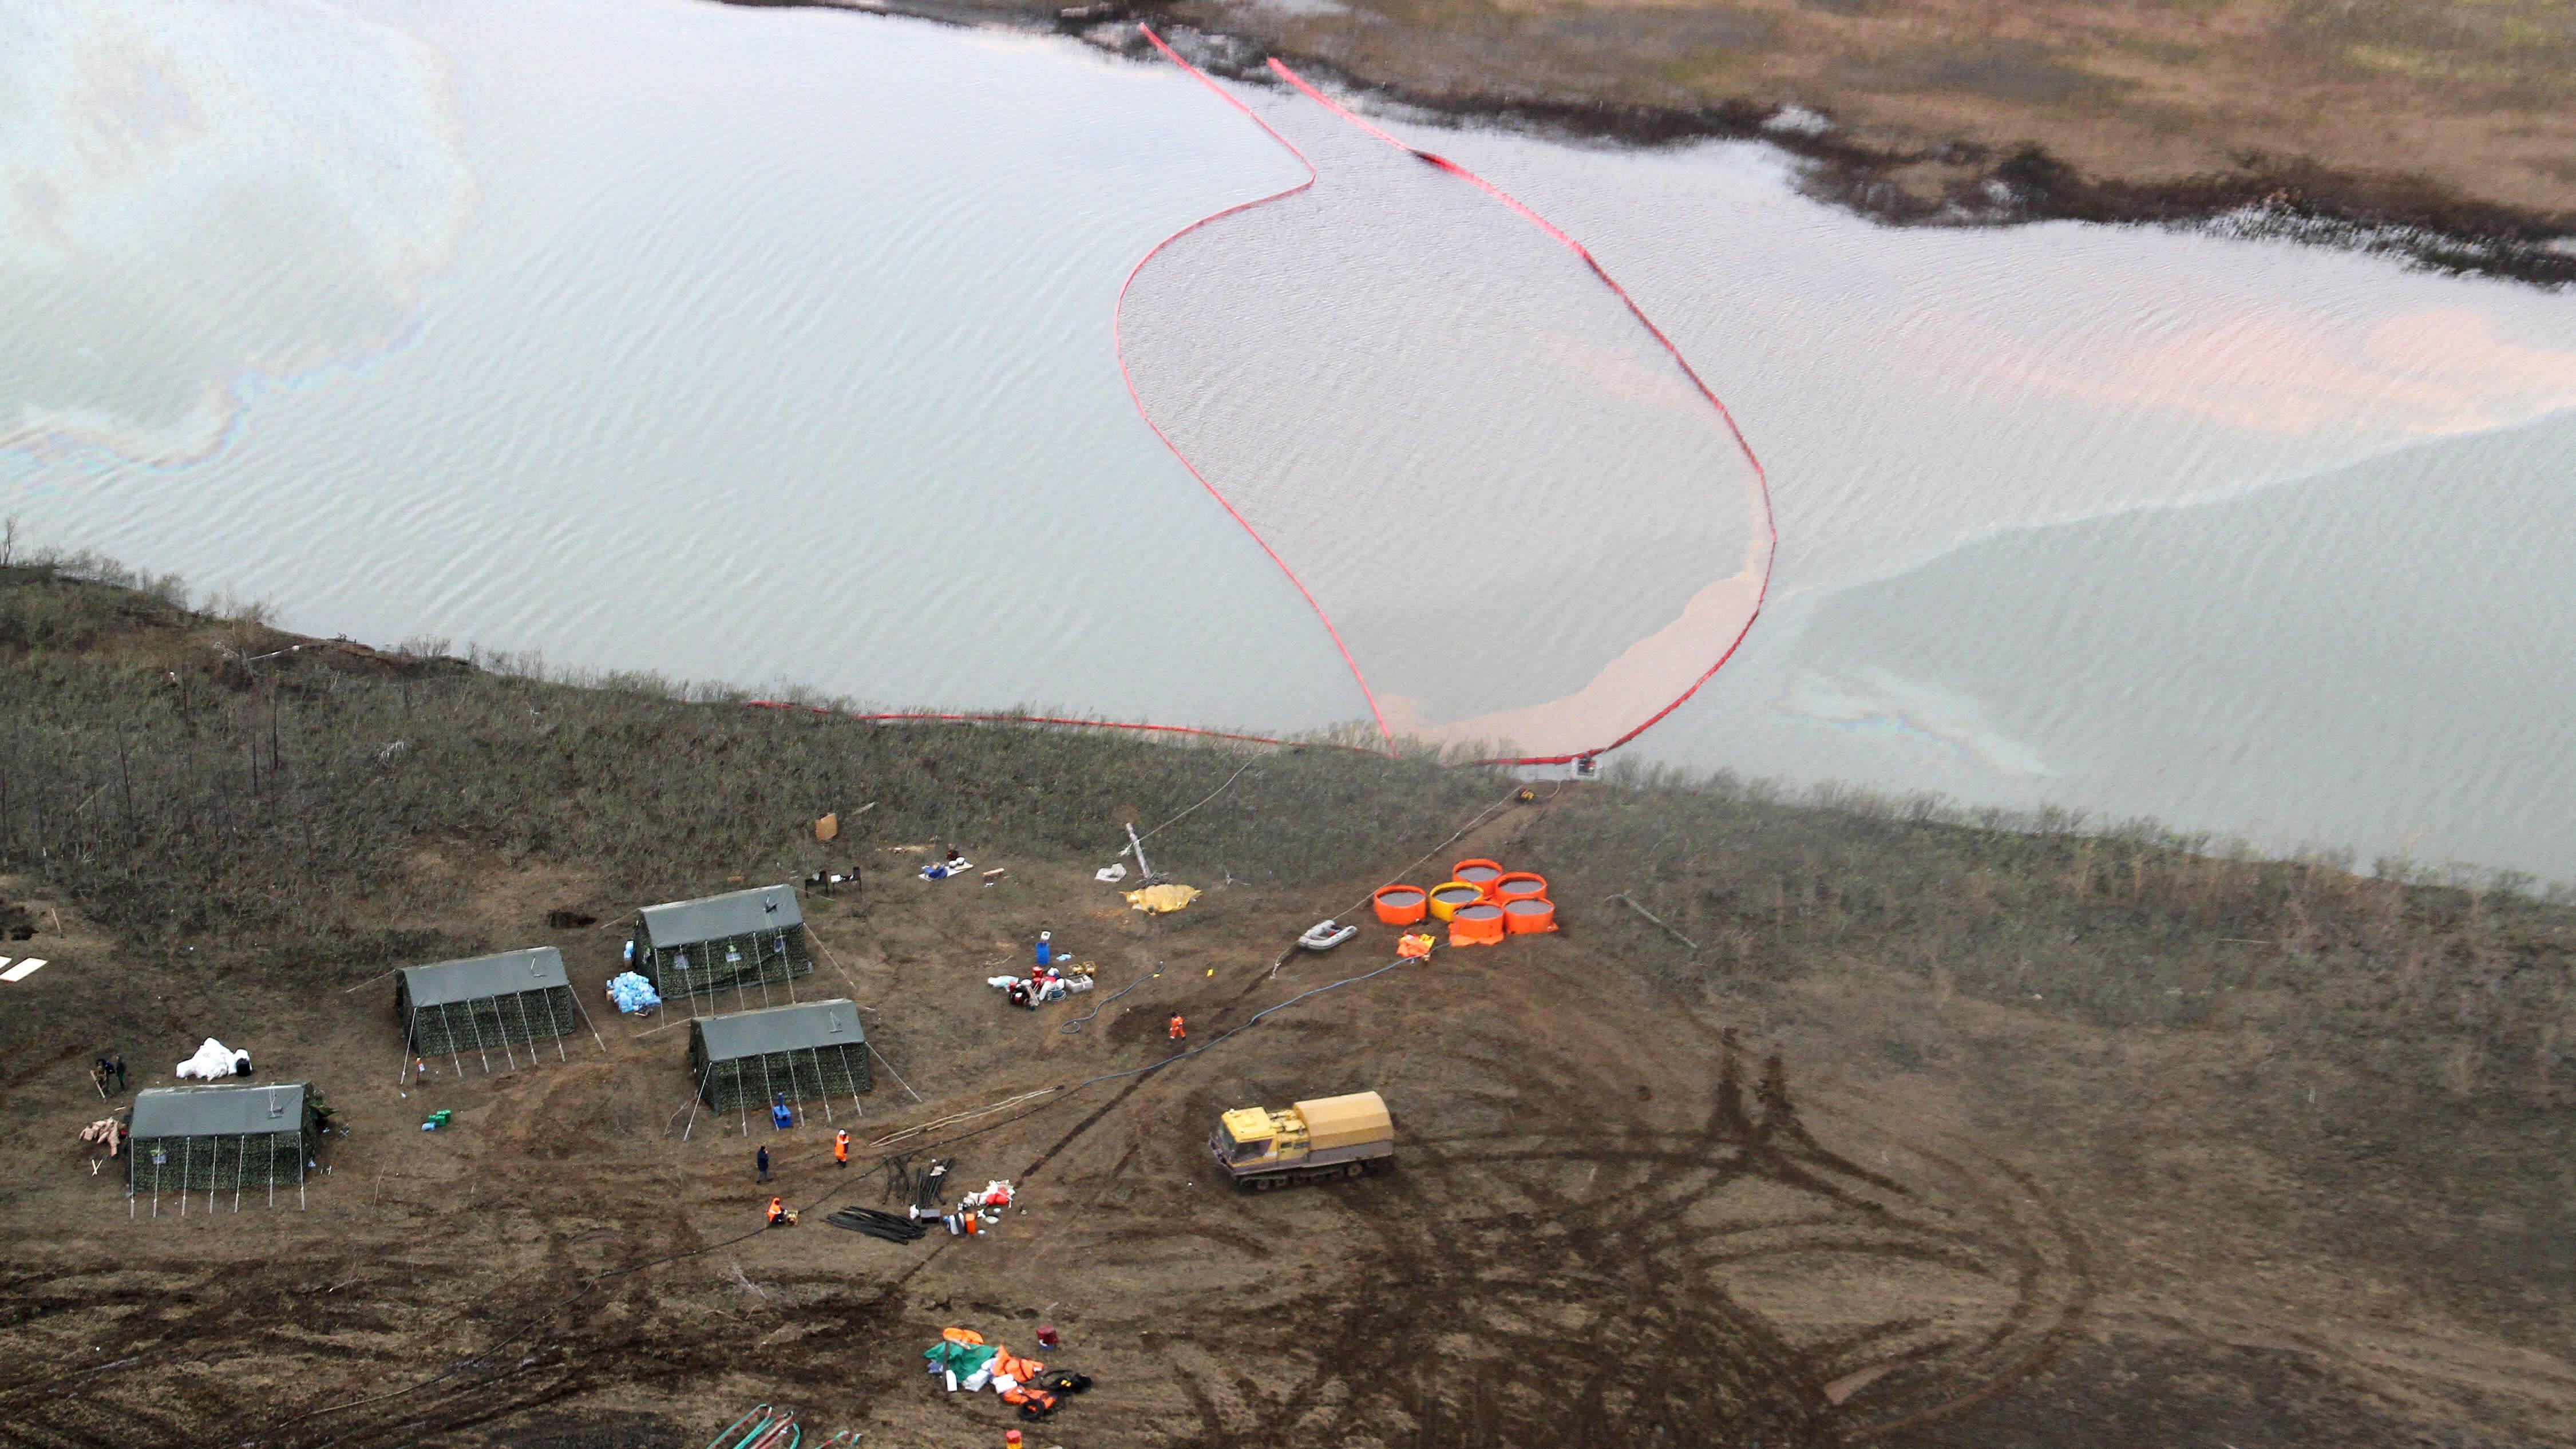 Puomeilla rajattu öljyvuoto joessa ilmasta kuvattuna.